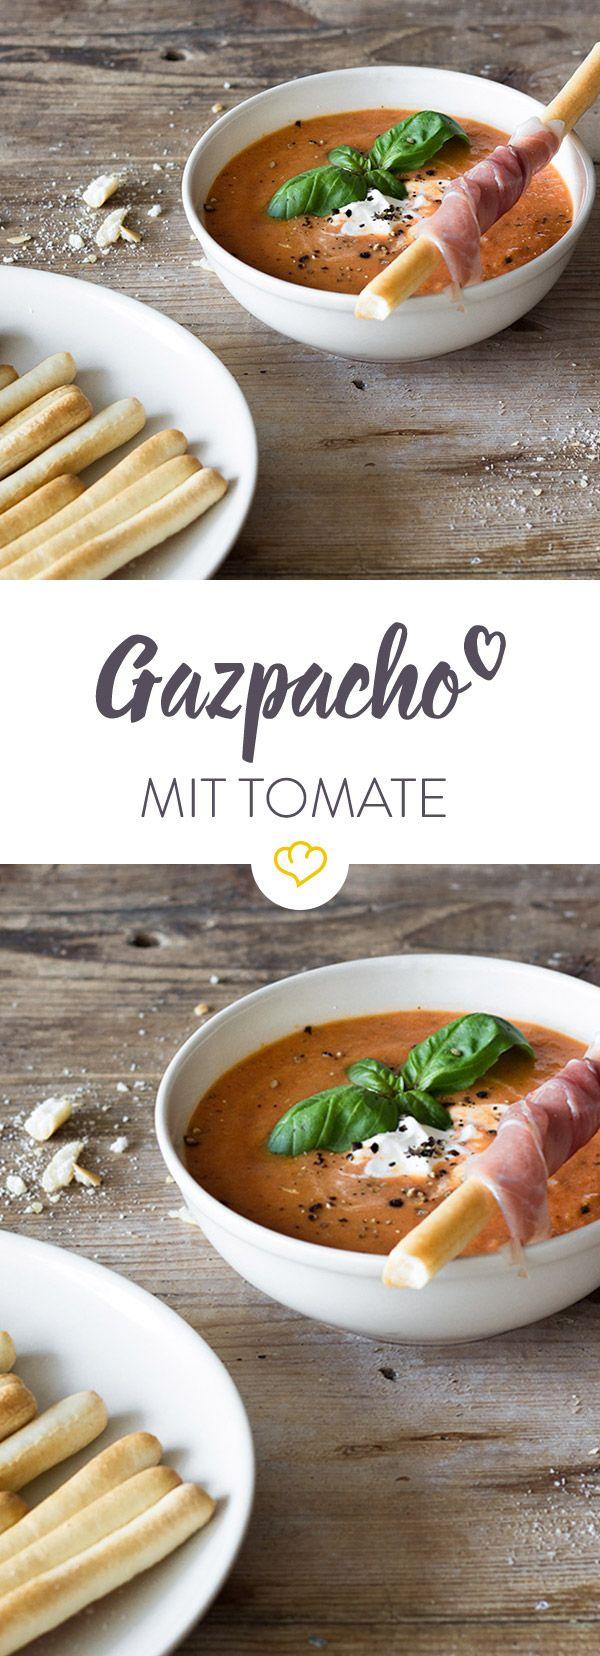 Erfrischung auf andalusische Art: eine leichte Tomaten-Gazpacho ist das ideale Gericht für den Sommer. Diese hier geht besonders schnell und ist damit ideal für heiße Tage, die man lieber im Freien statt in der Küche verbringt.